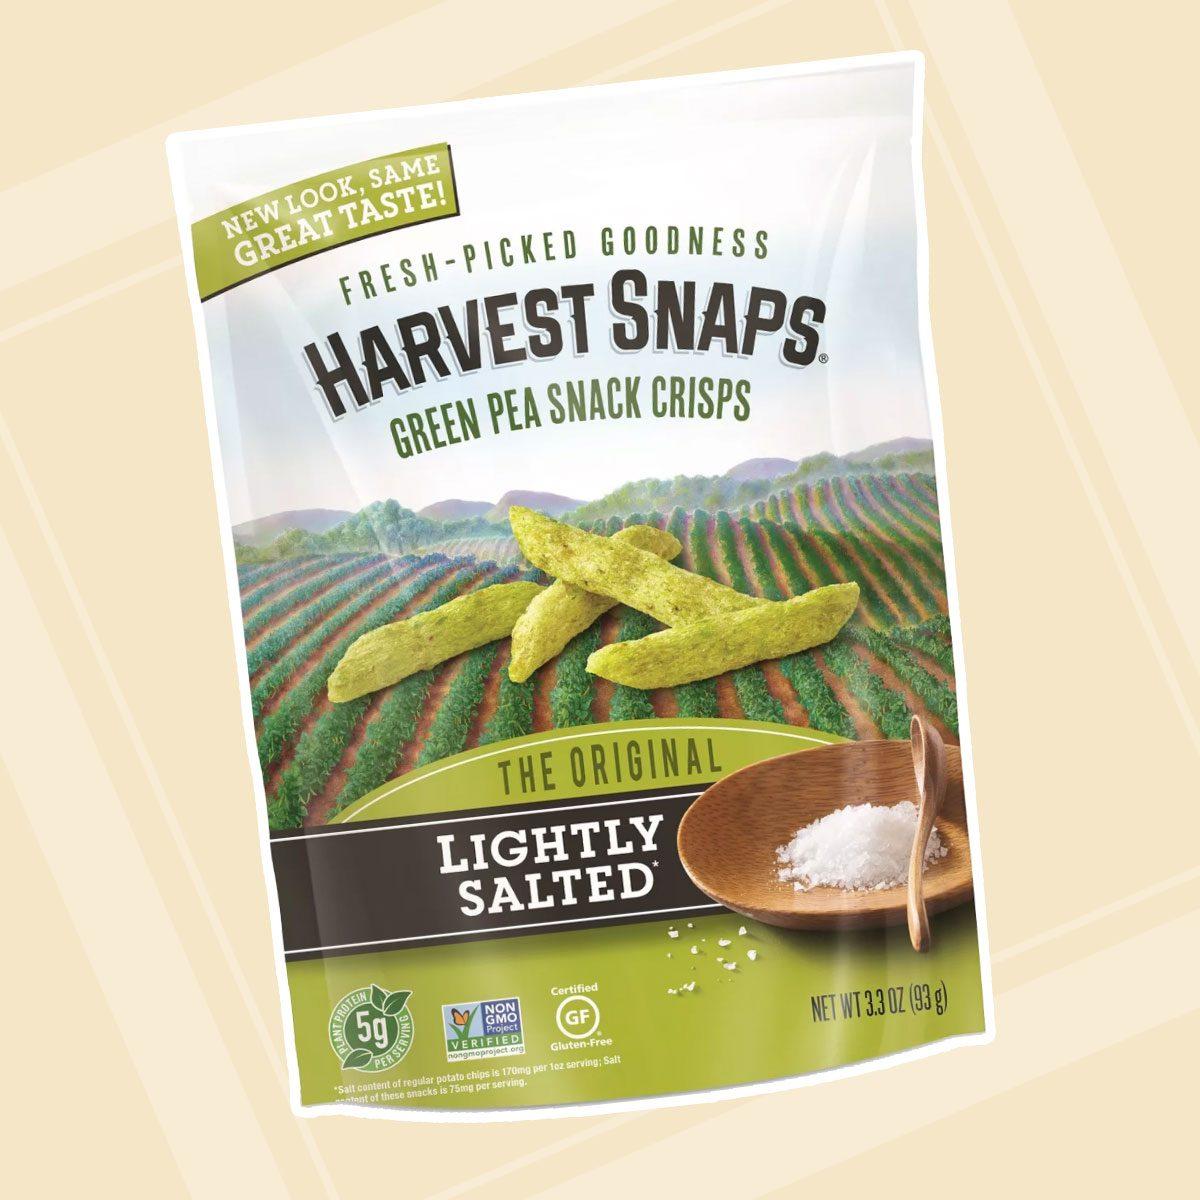 Harvest Snaps Lightly Salted Green Pea Crisps - 3.3oz